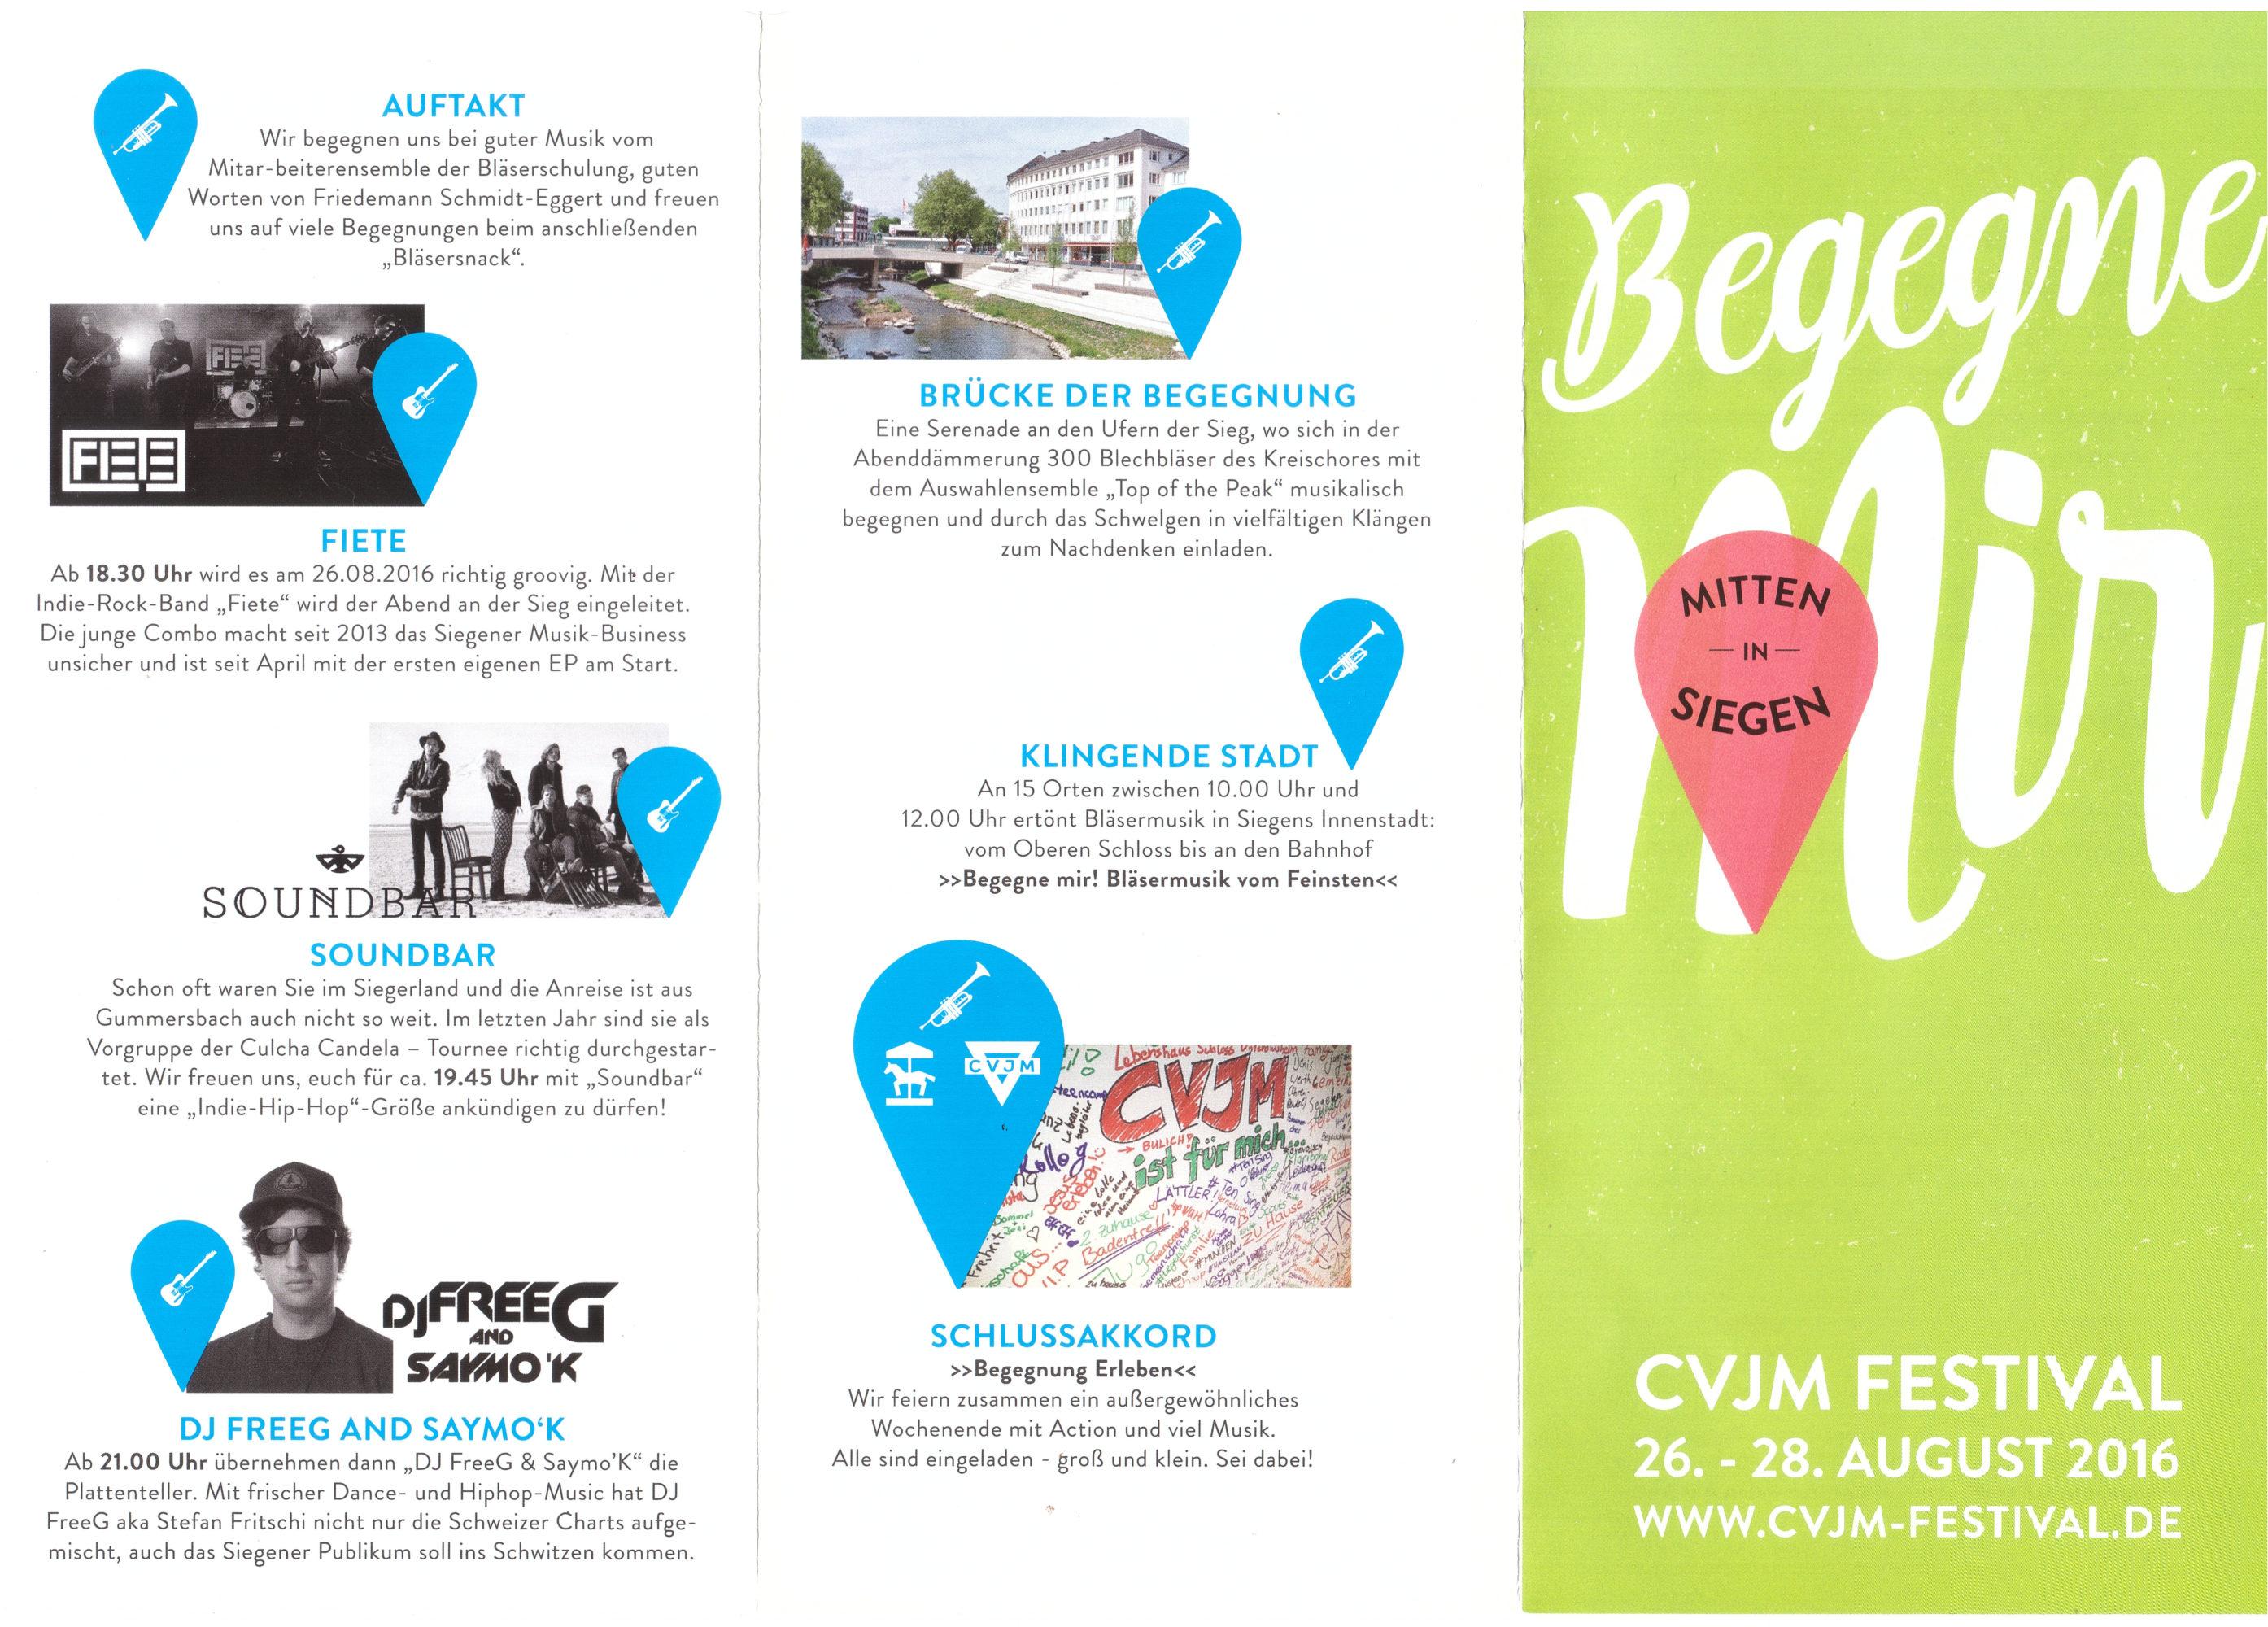 CVJM_Festival1